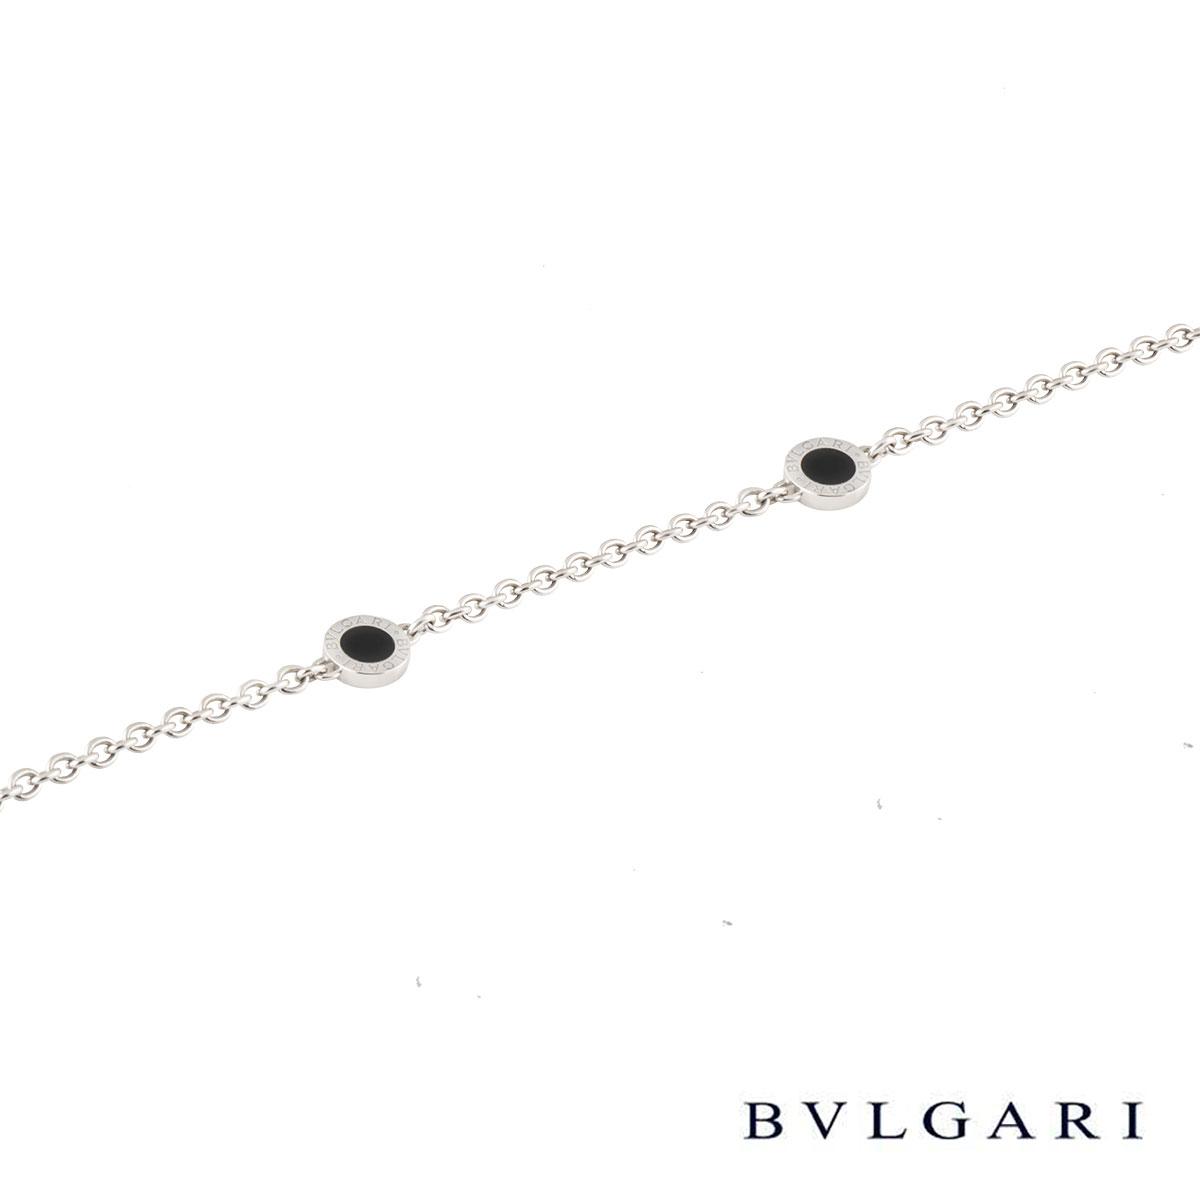 Bvlgari Bvlgari White Gold and Onyx Bracelet